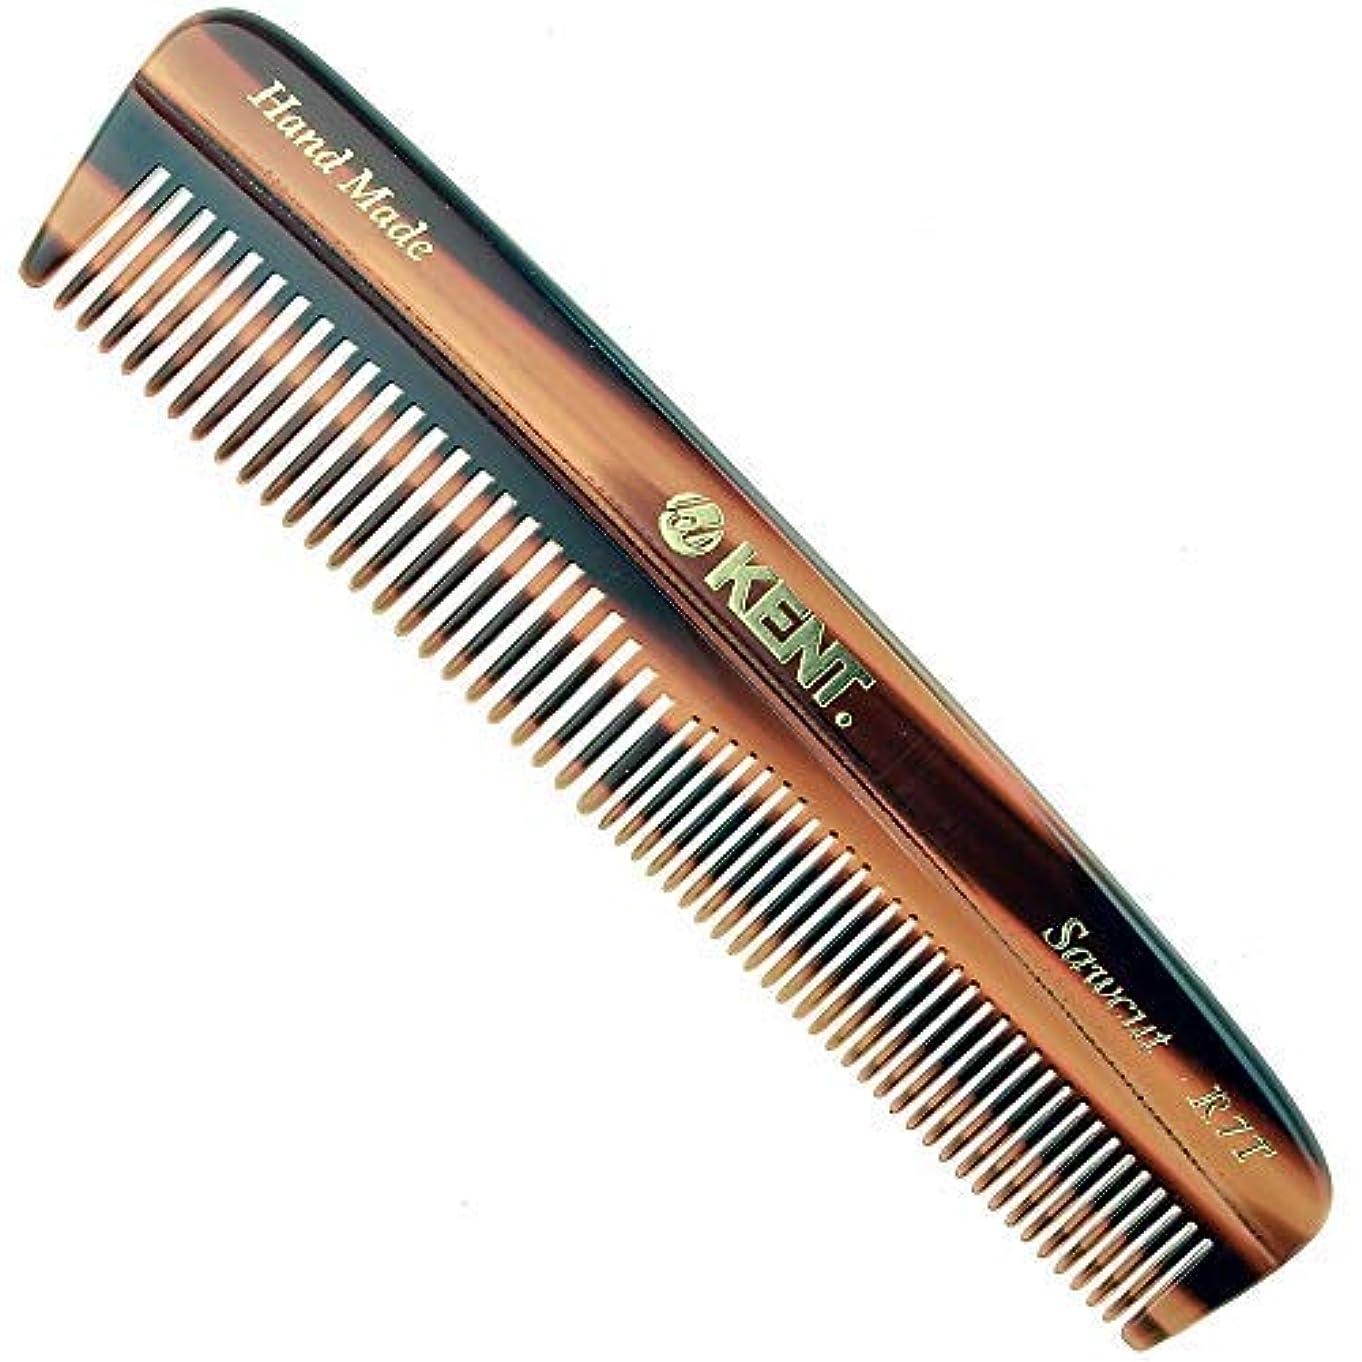 けがをする知る記事Kent R7T - Men's/Women's Coarse and Fine Toothed Small Travel Pocket Comb 130mm/5.63